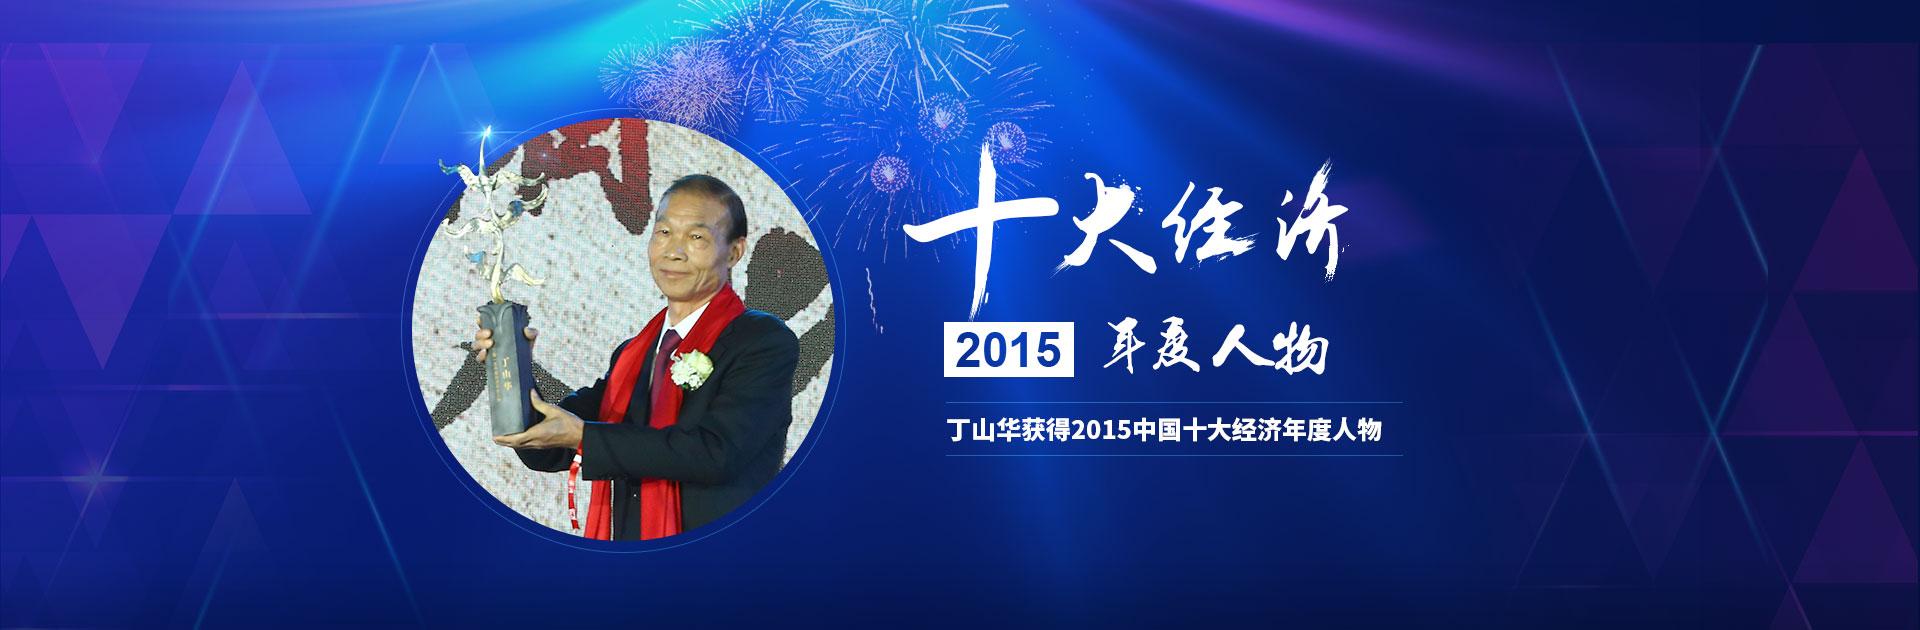 """丁山华获""""2015十大经济年度人物"""""""